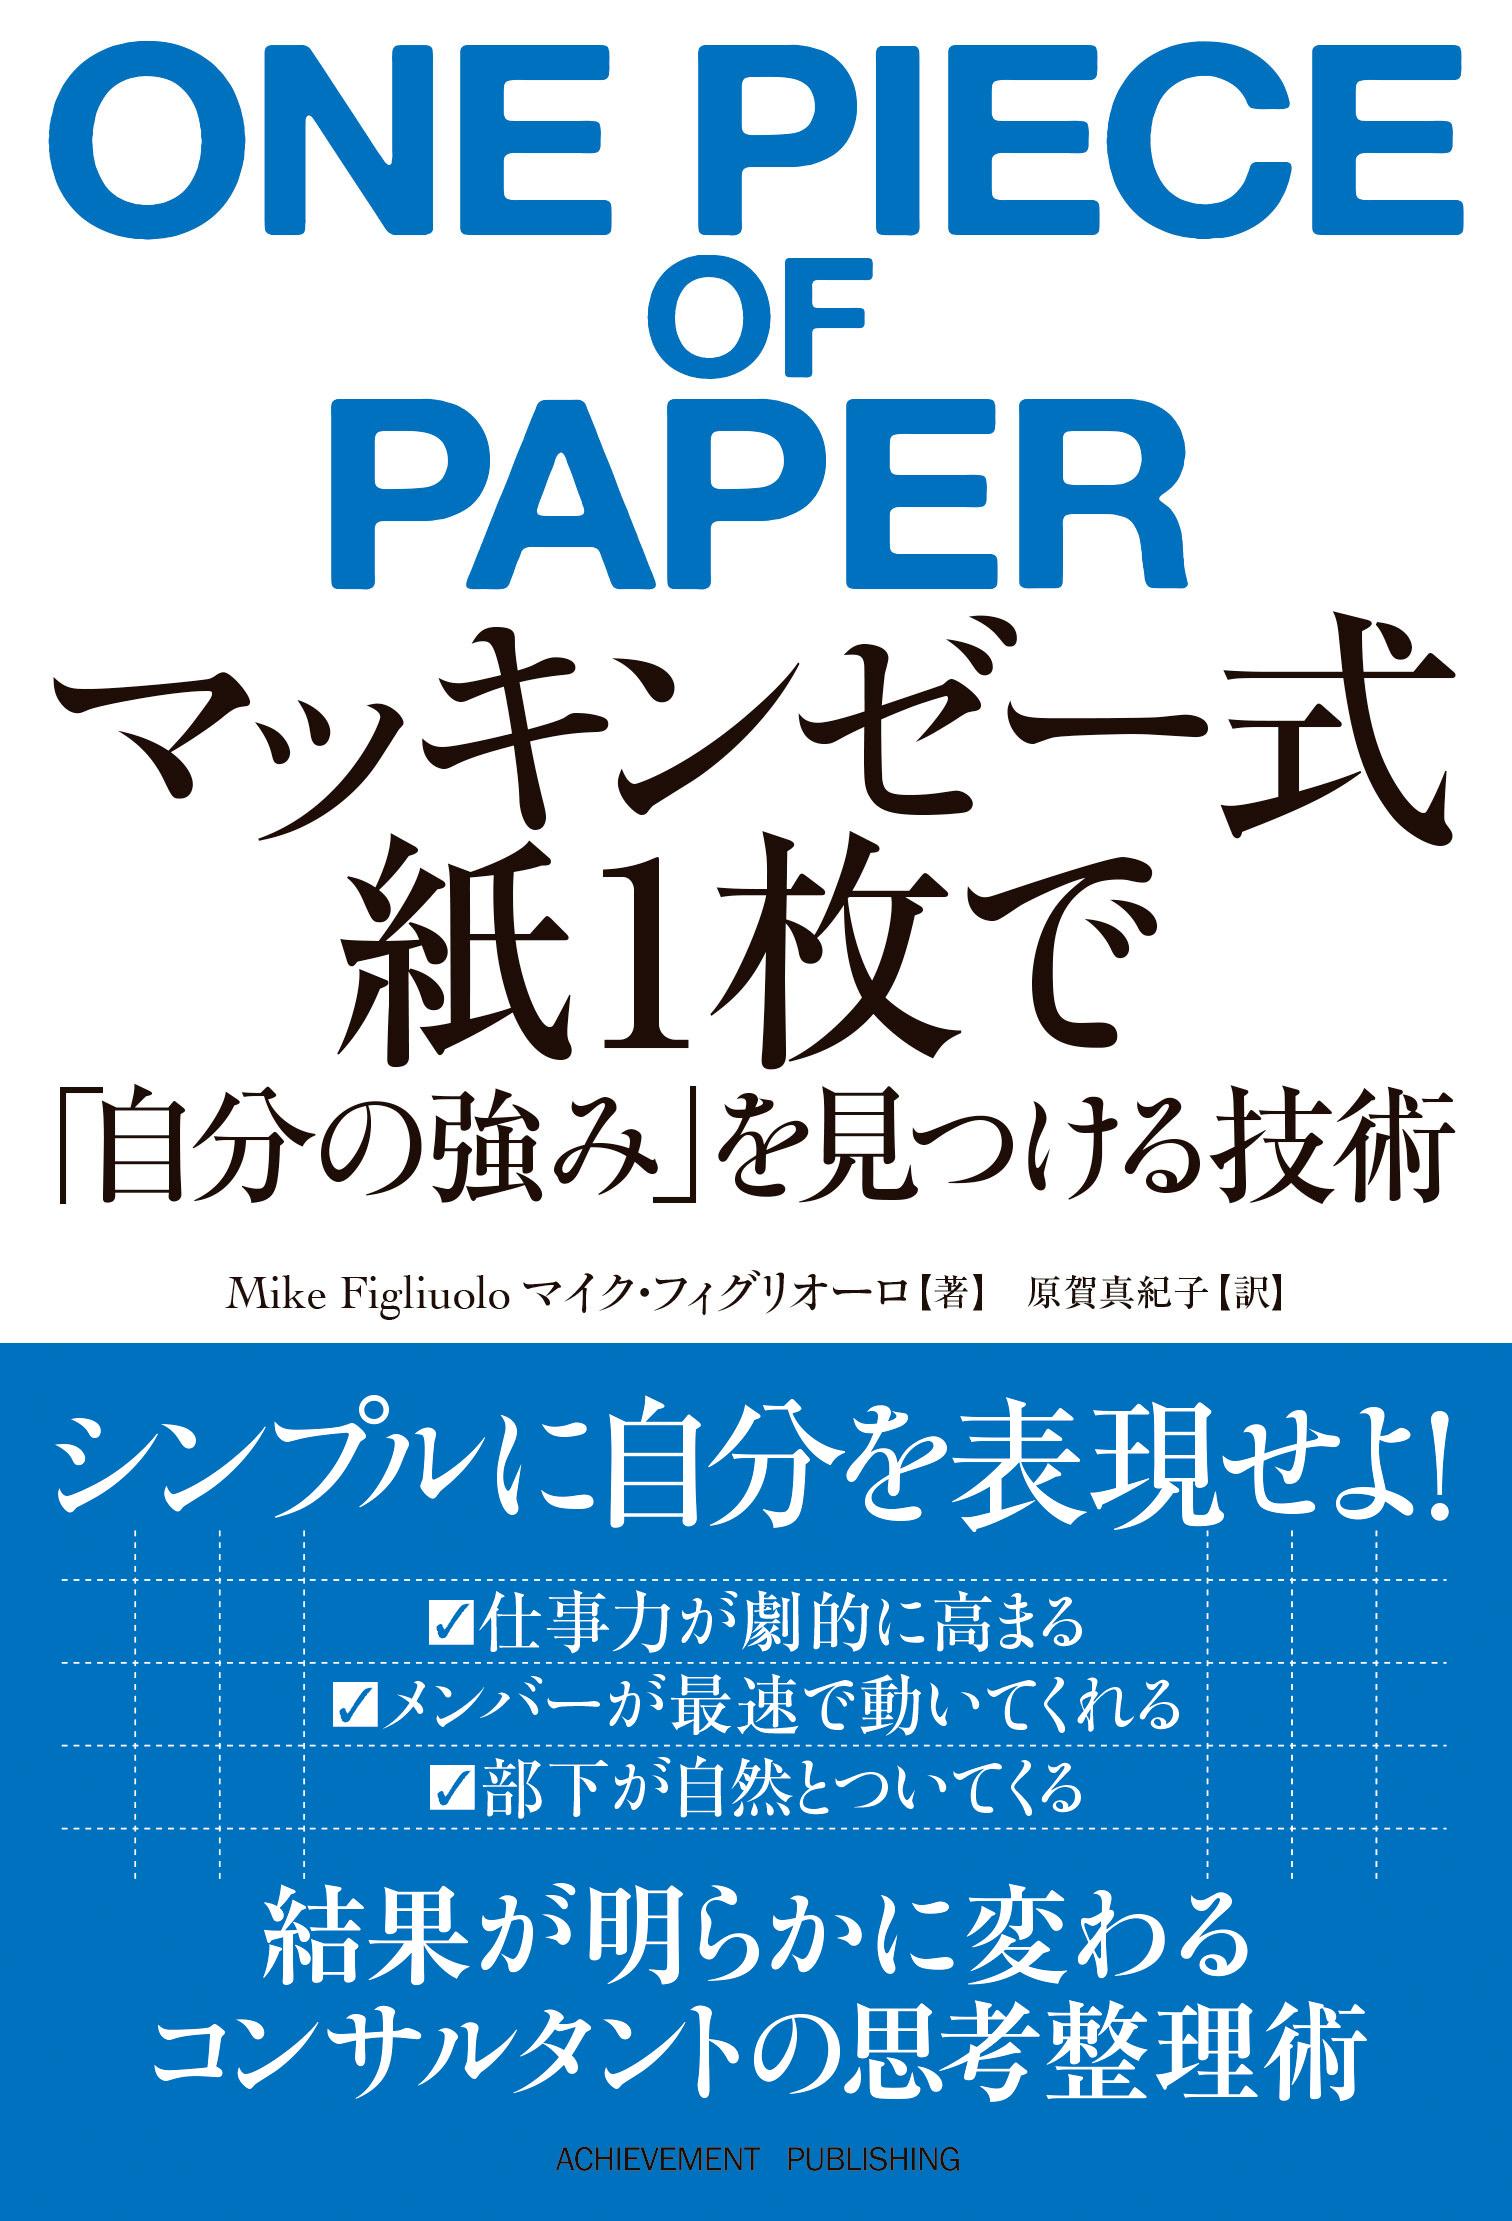 マッキンゼー式 紙1枚で「自分の強み」を見つける技術の画像1